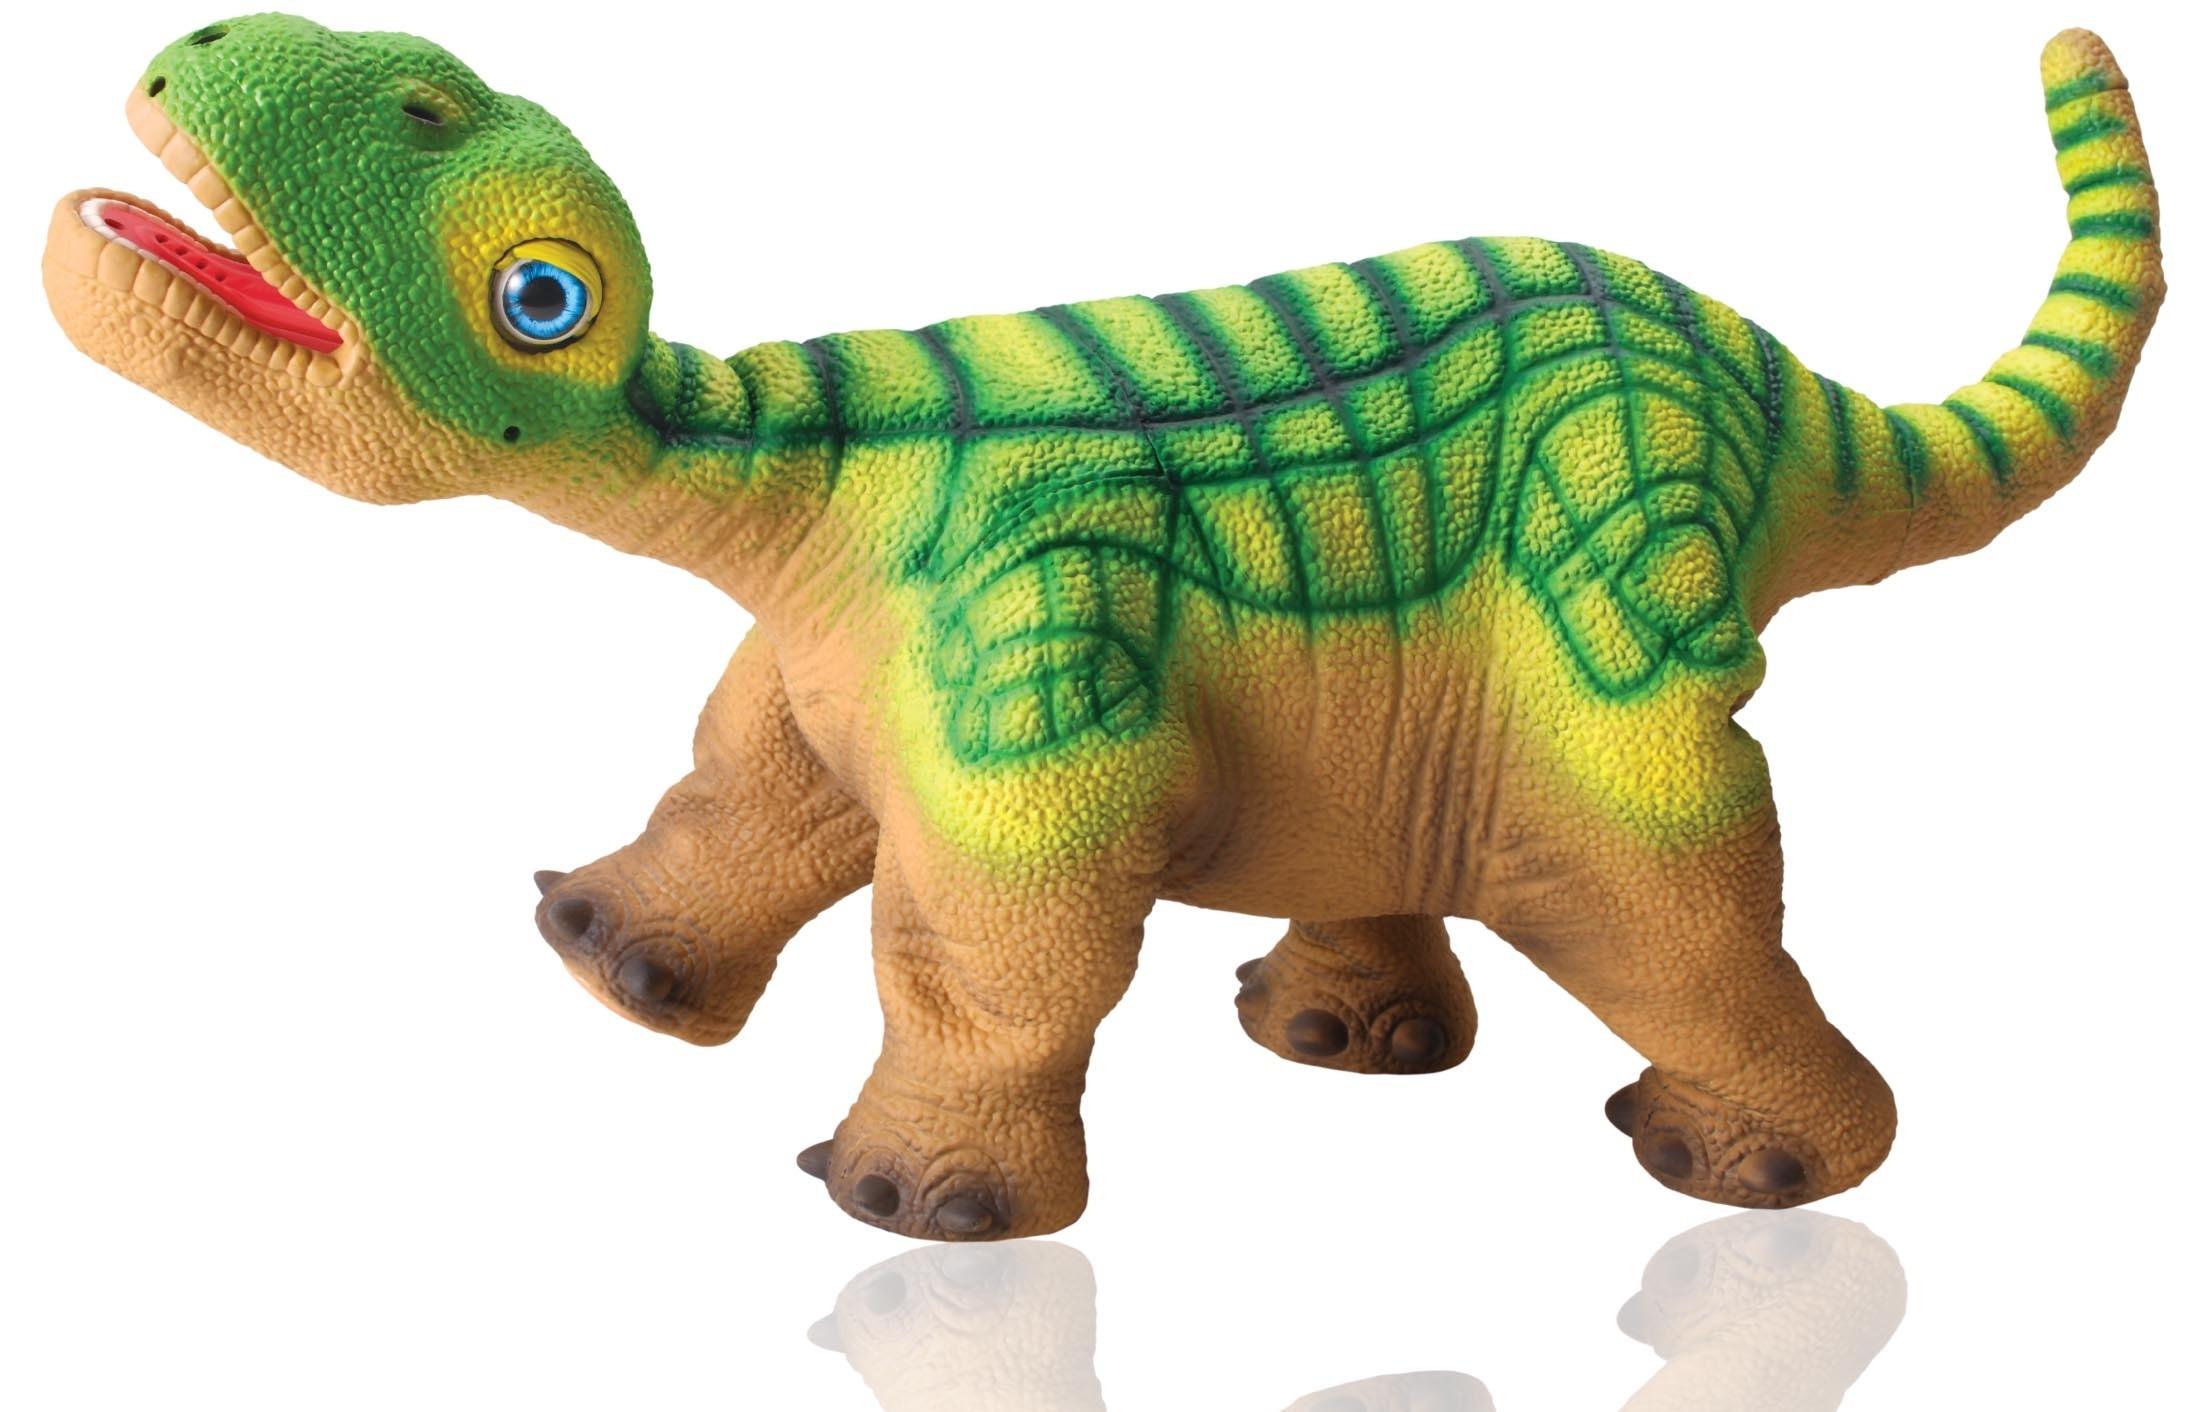 Hightech fürs Kinderzimmer: Der Dinosaurierroboter Pleo